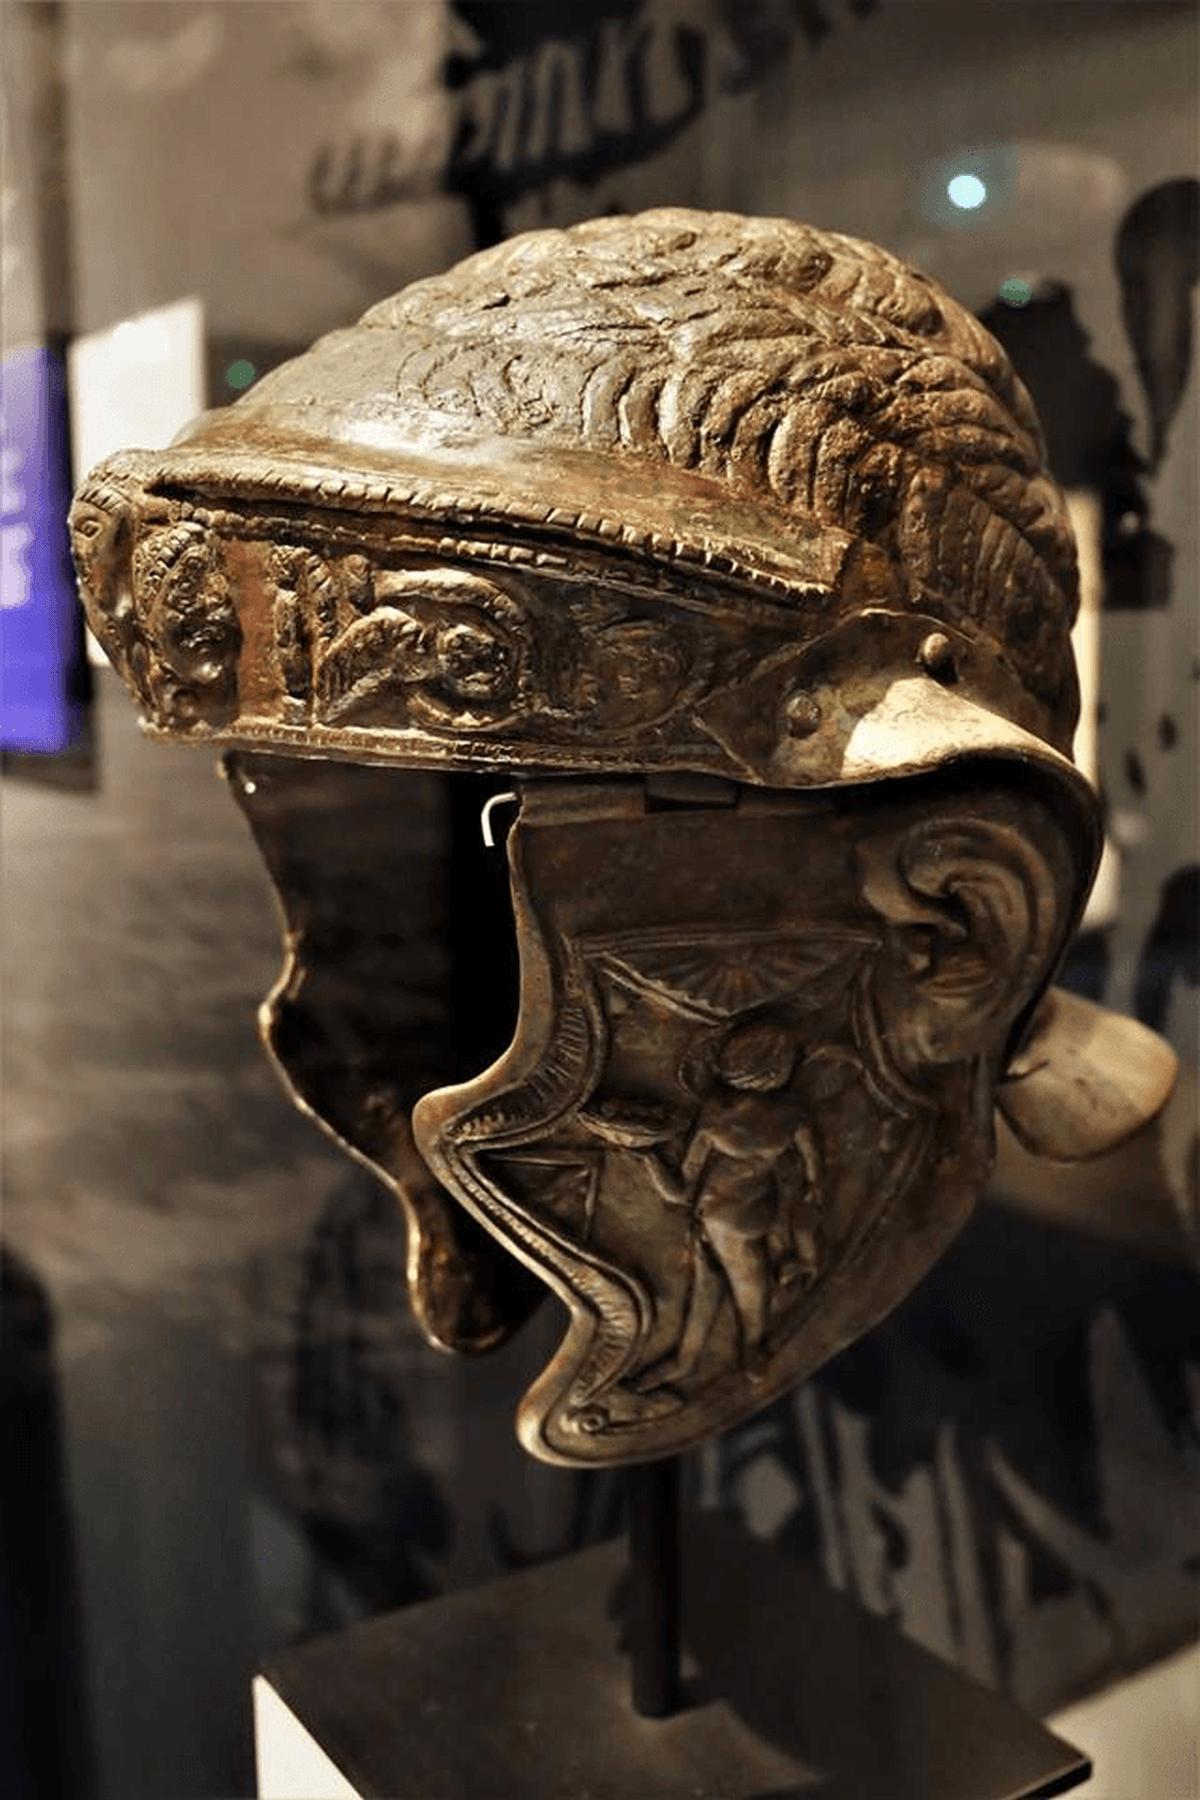 Hełm rzymski należący do jeźdźca